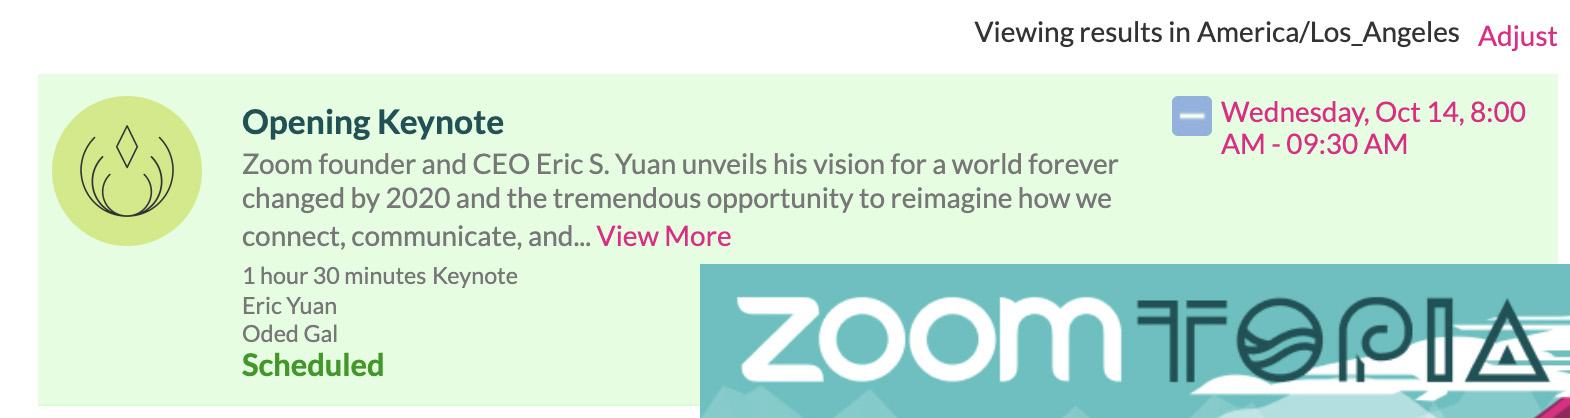 ZoomTopia 2020